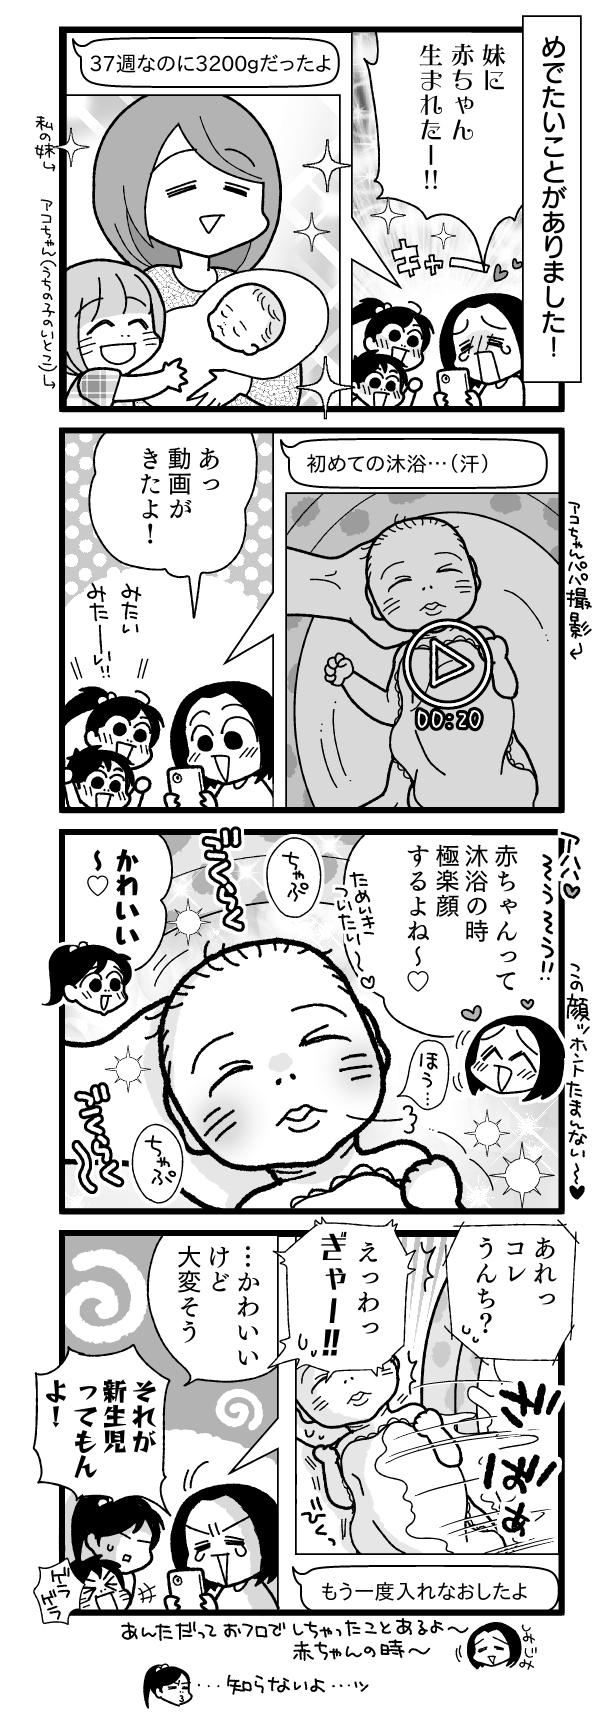 漫画『怒濤のにゅーじヨージ』Vol.205「赤ちゃんの醍醐味」 1コマ目